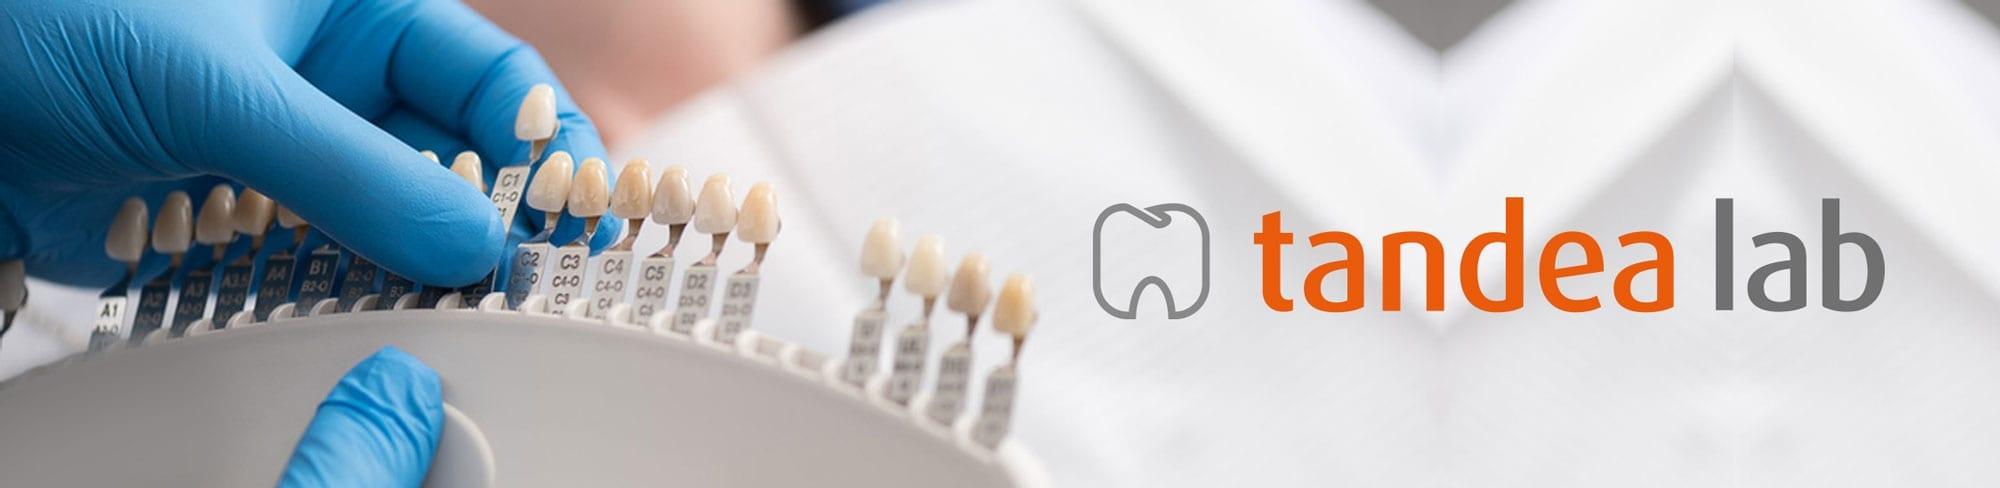 Tandtekniker stockholm